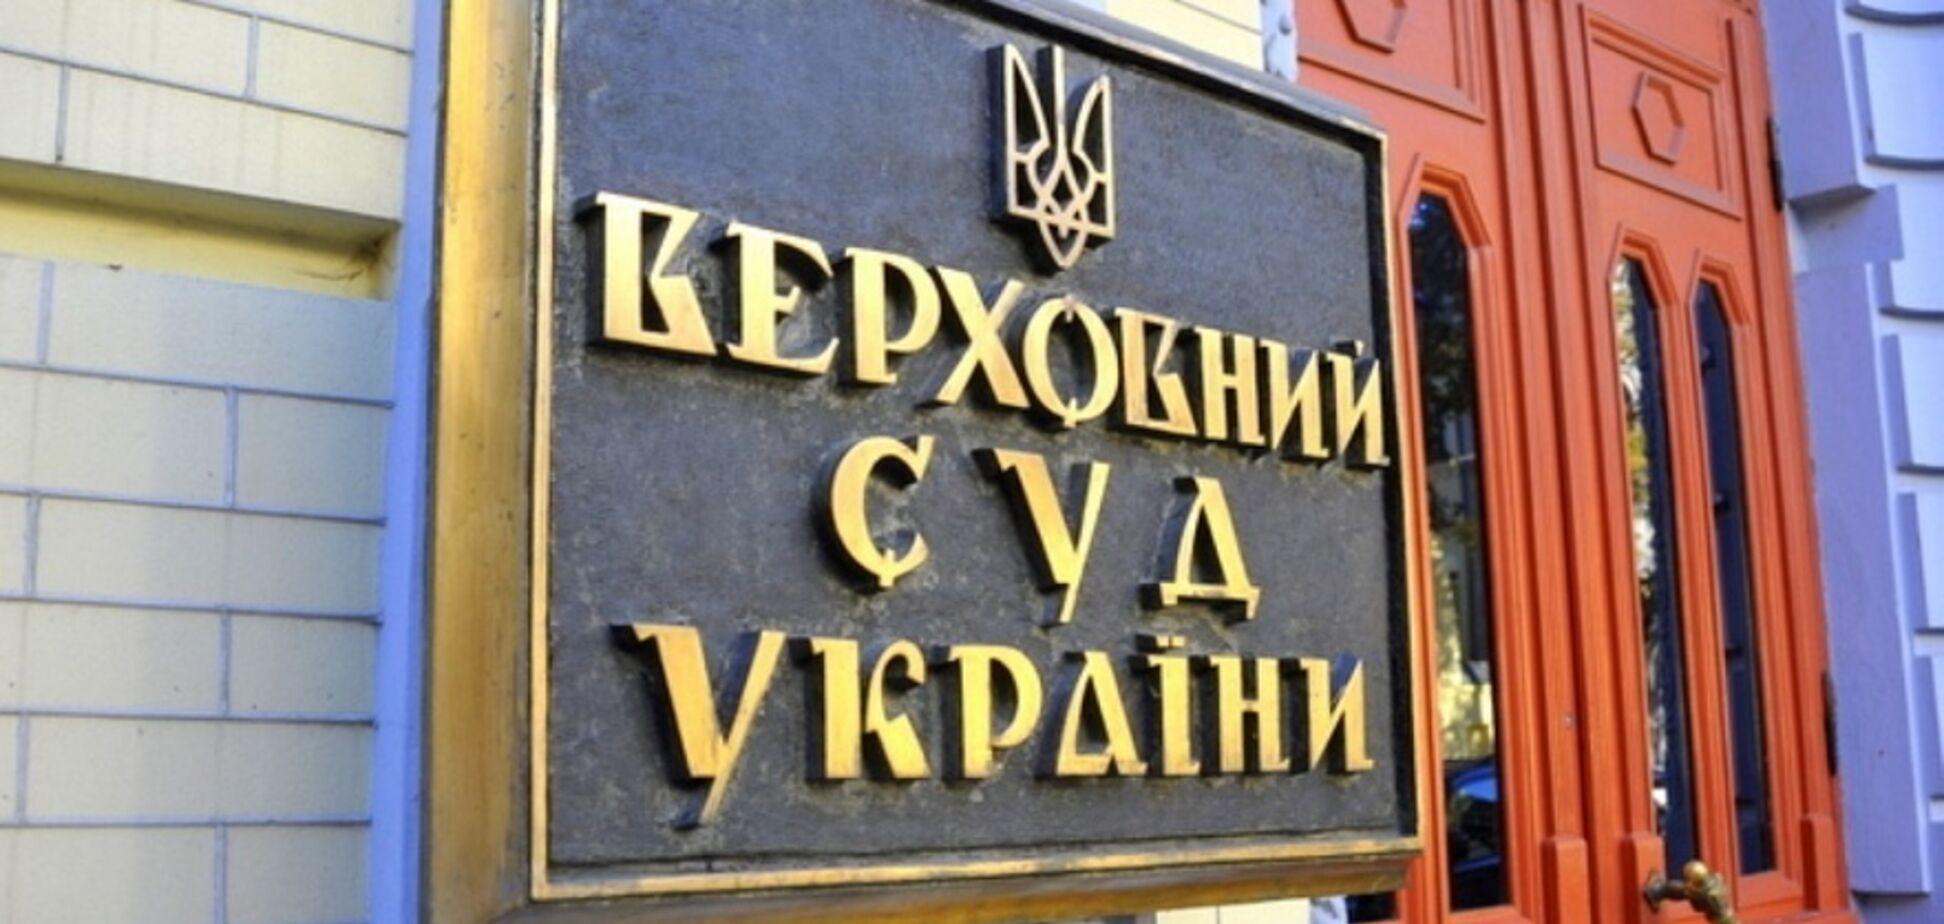 Проти Майдану та робота в Росії: конкурс до Верховного суду увінчався скандалом